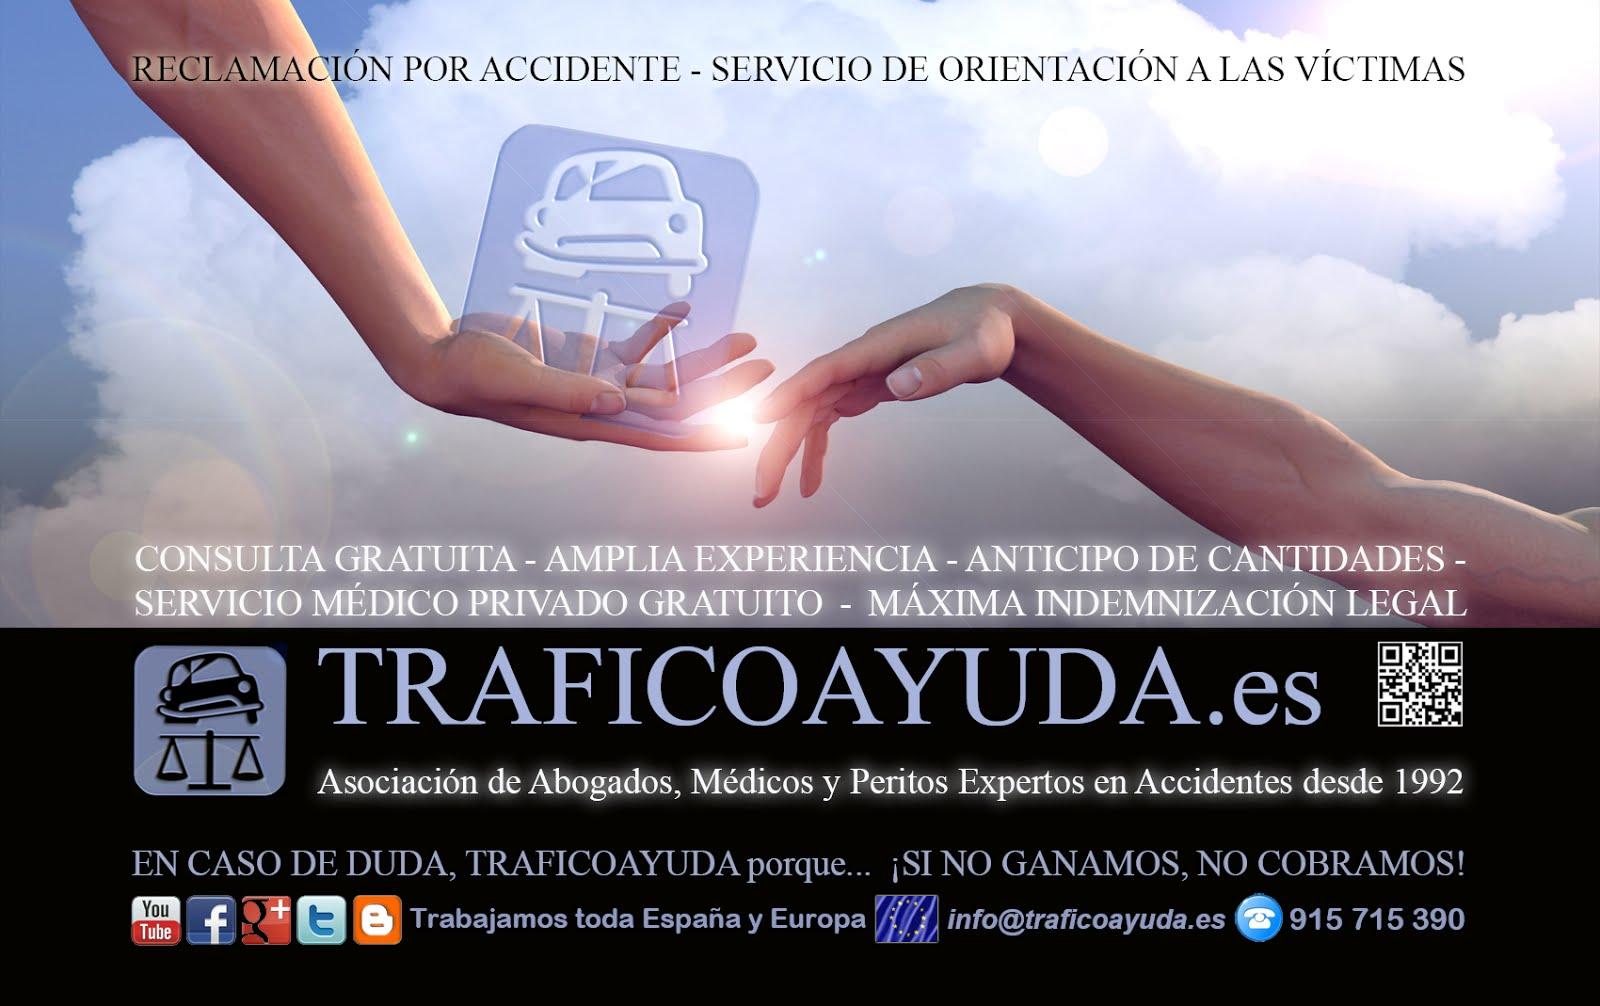 ¡CONSULTA GRATIS! - FREE CONSULTATION!